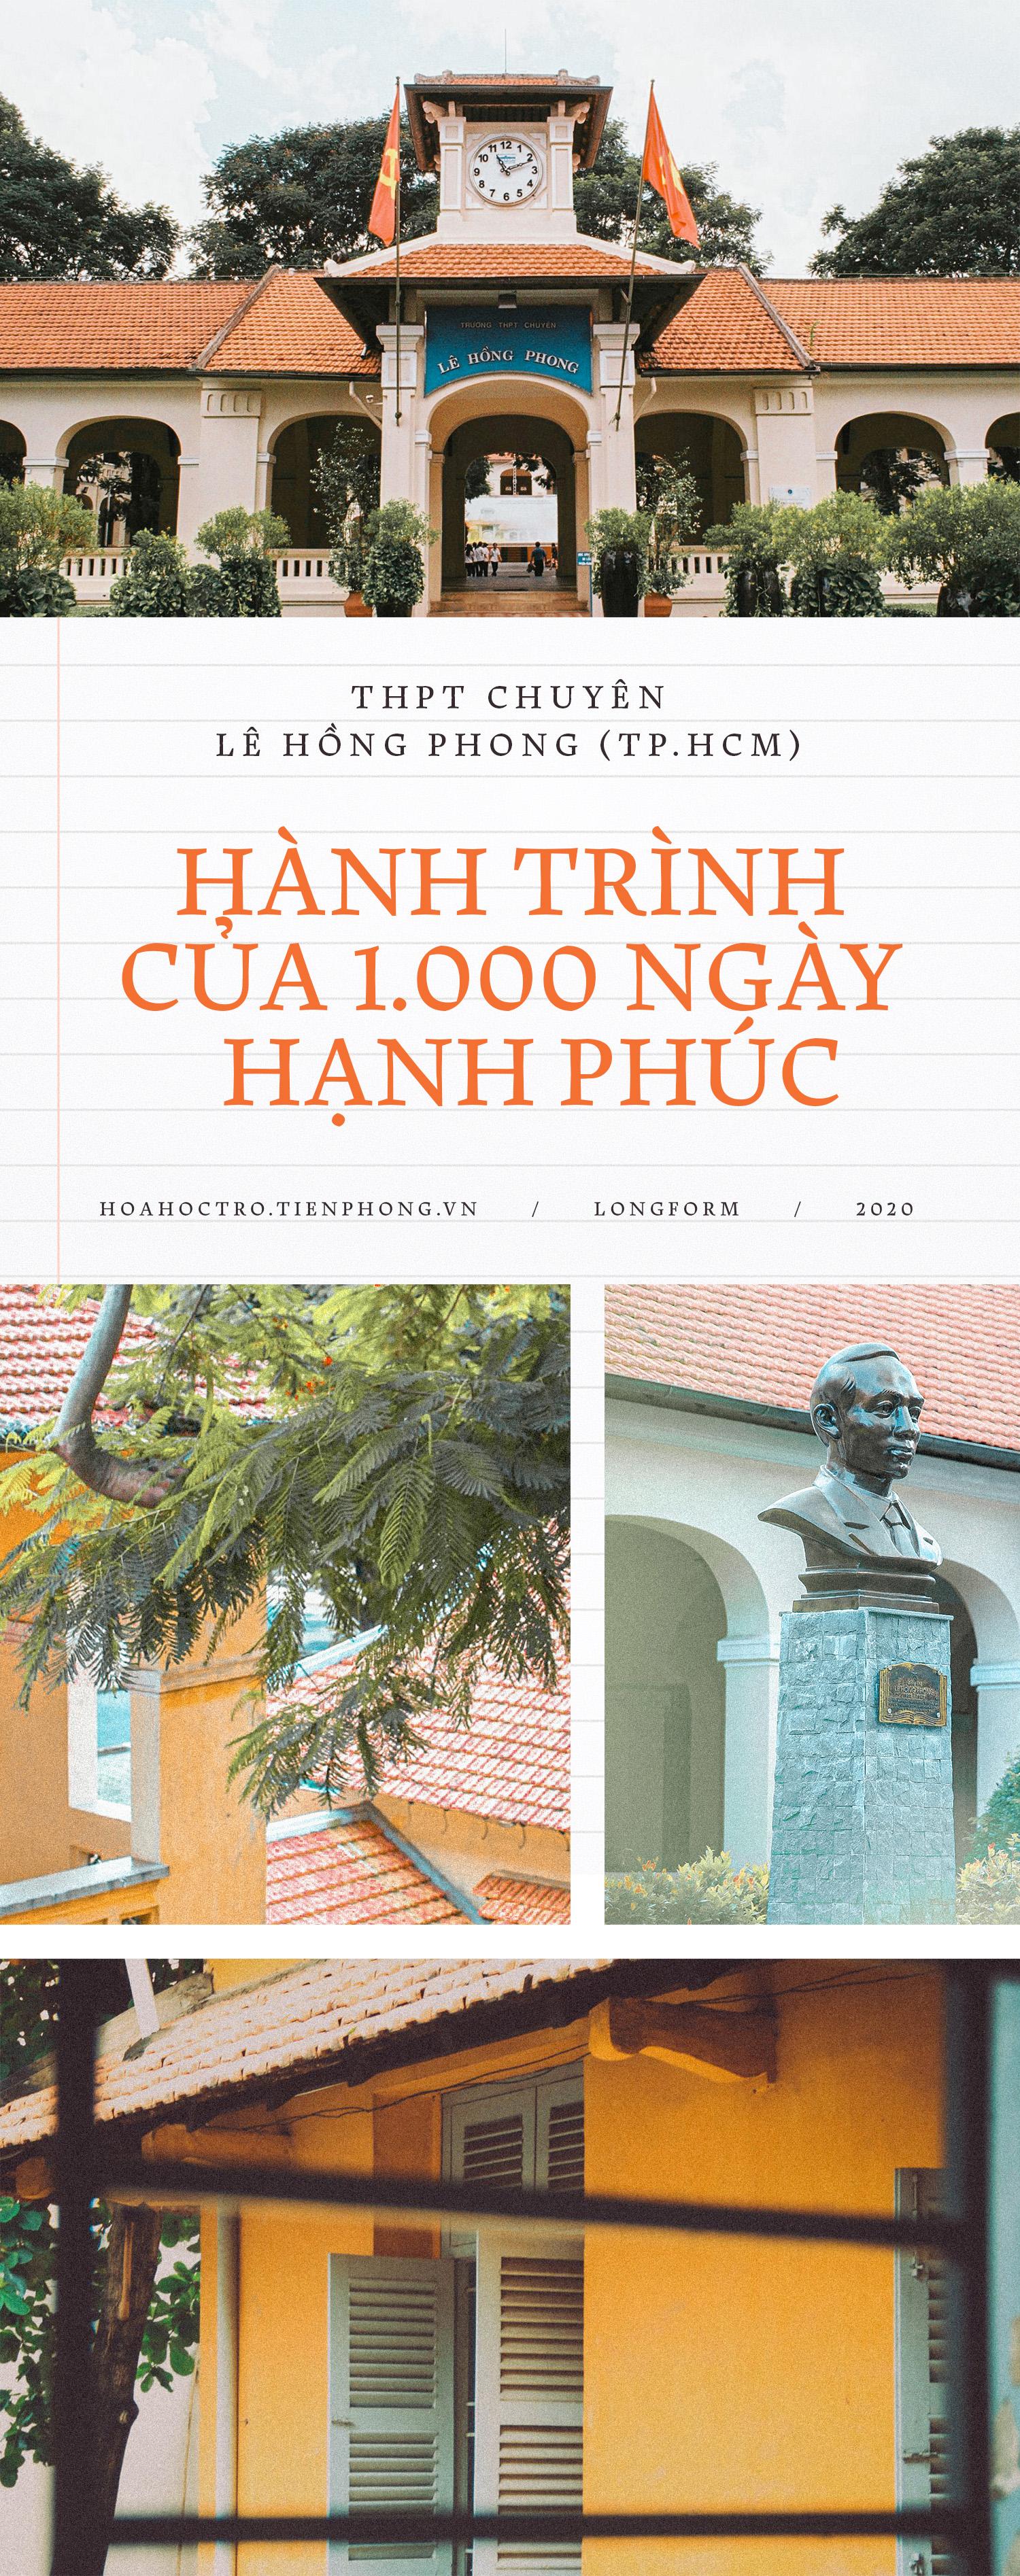 THPT chuyên Lê Hồng Phong (TP.HCM): Hành trình của 1.000 ngày hạnh phúc